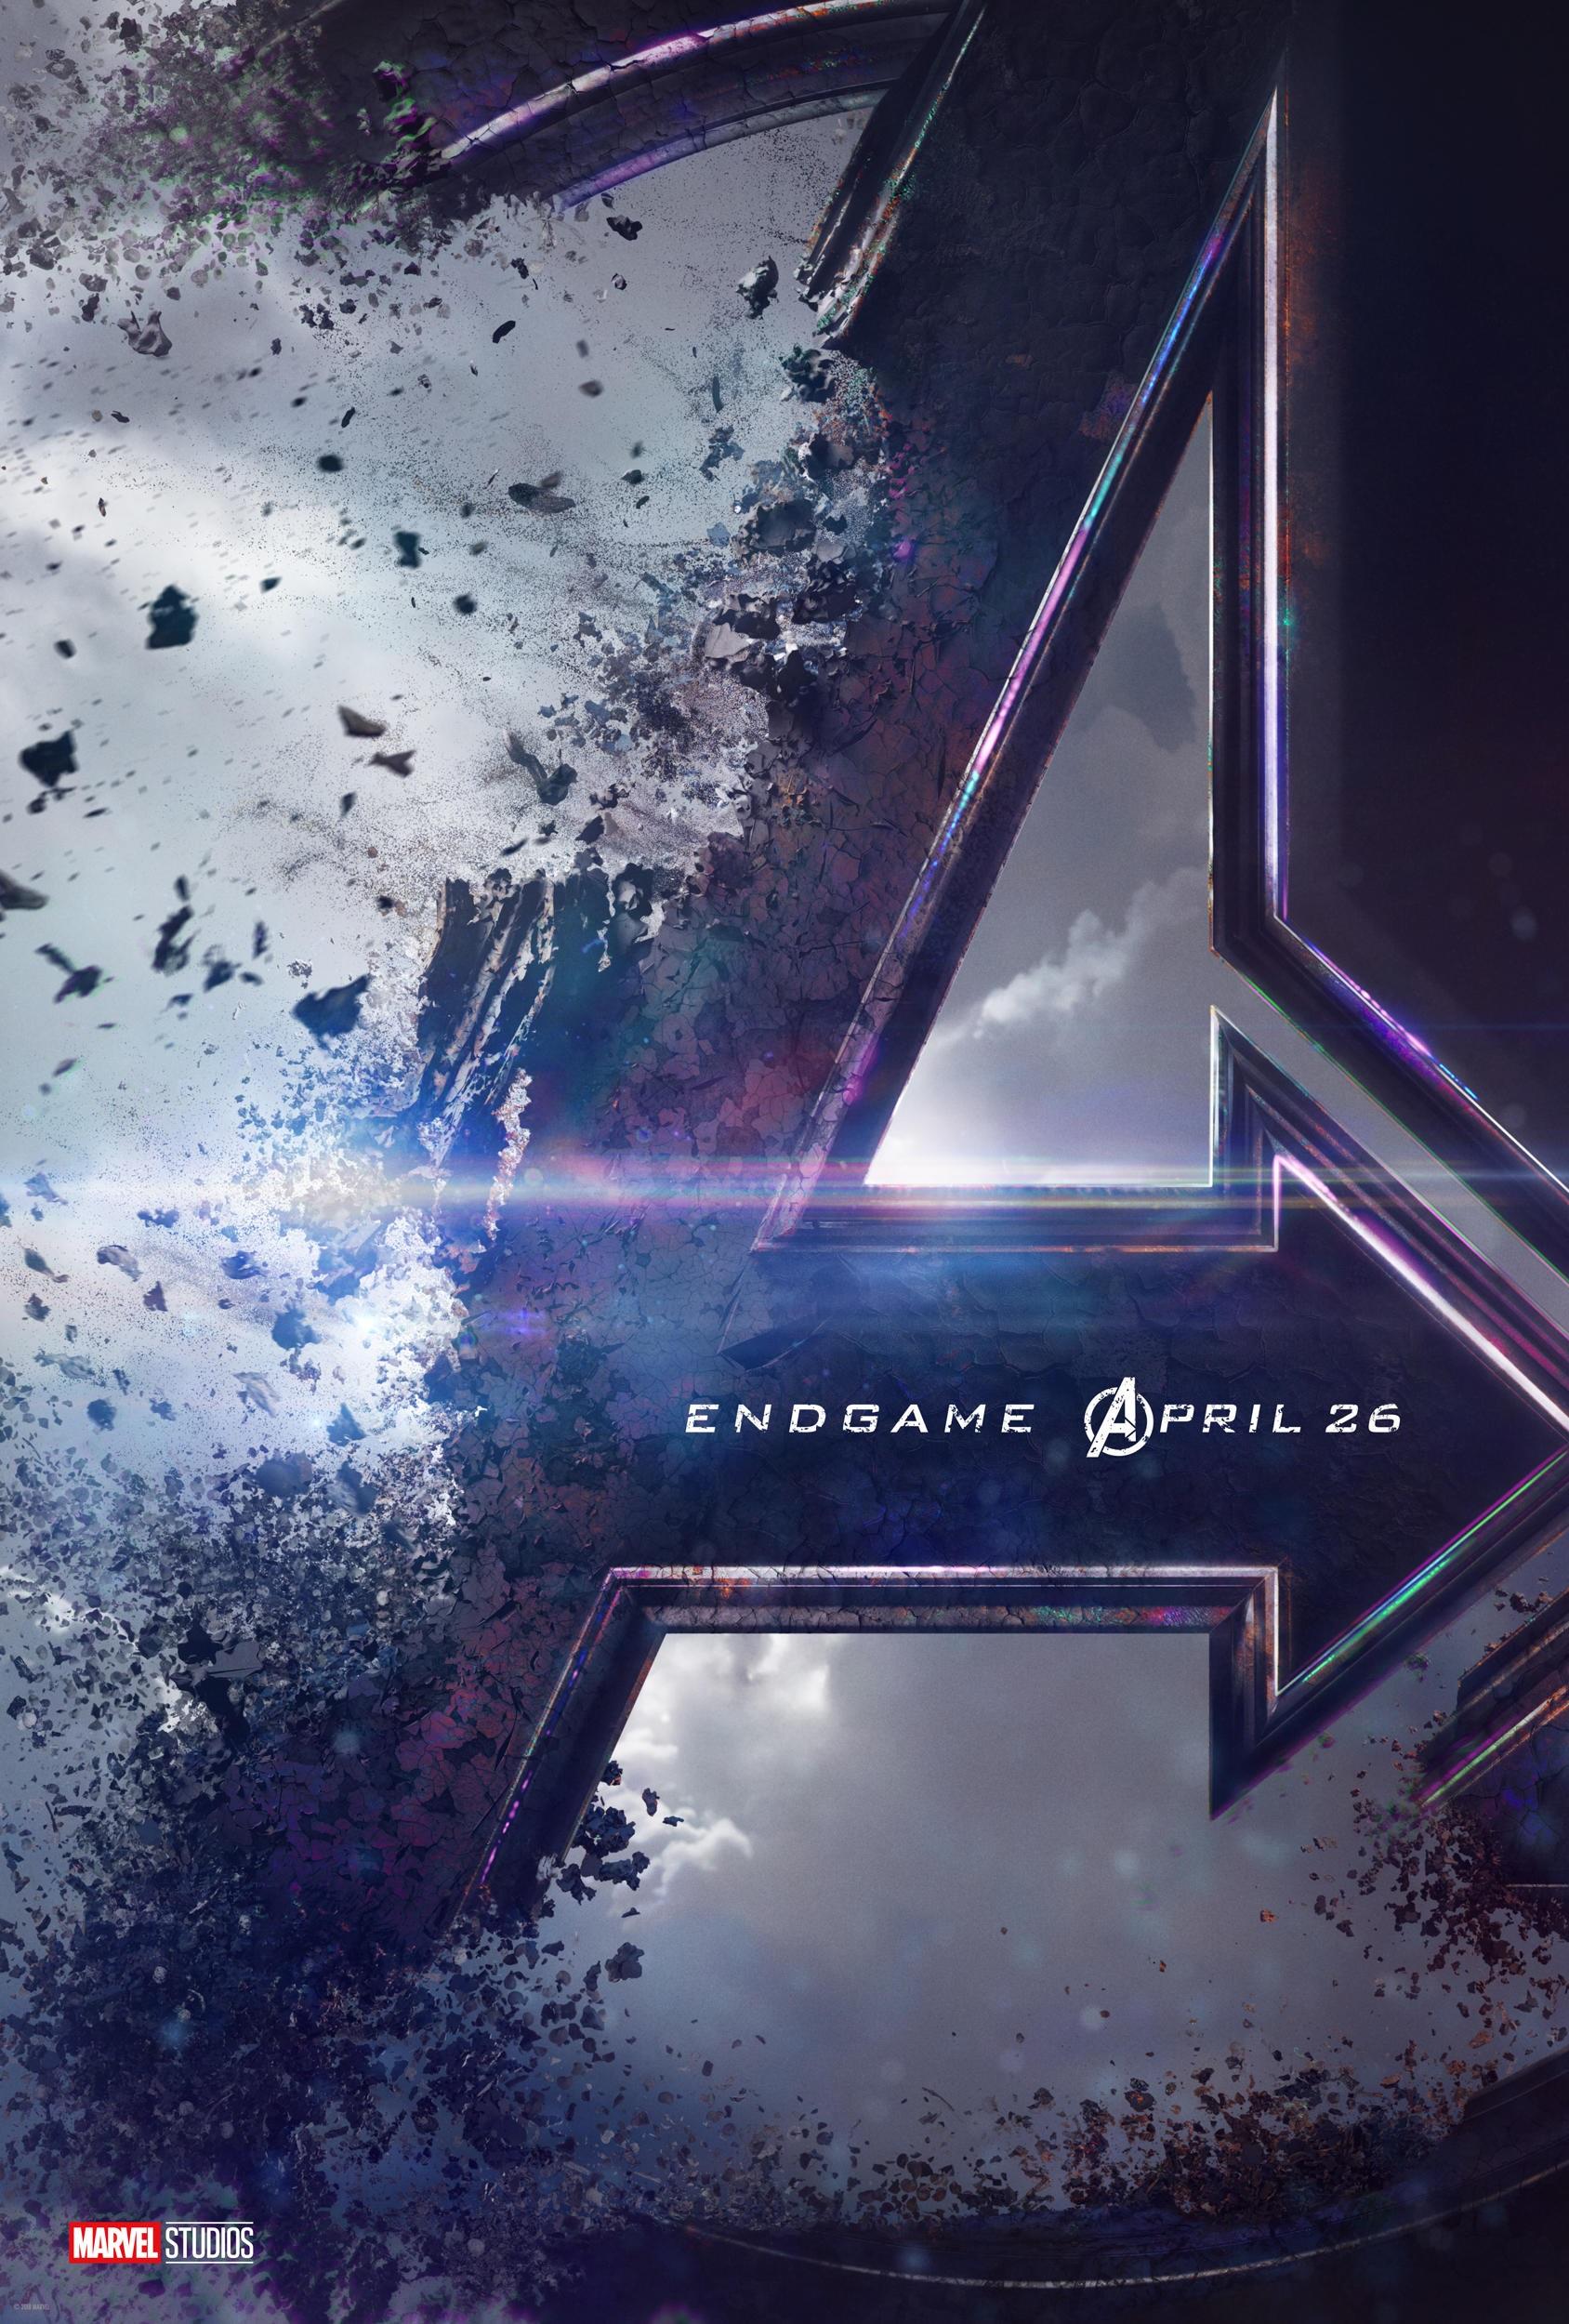 New poster for Avengers 4